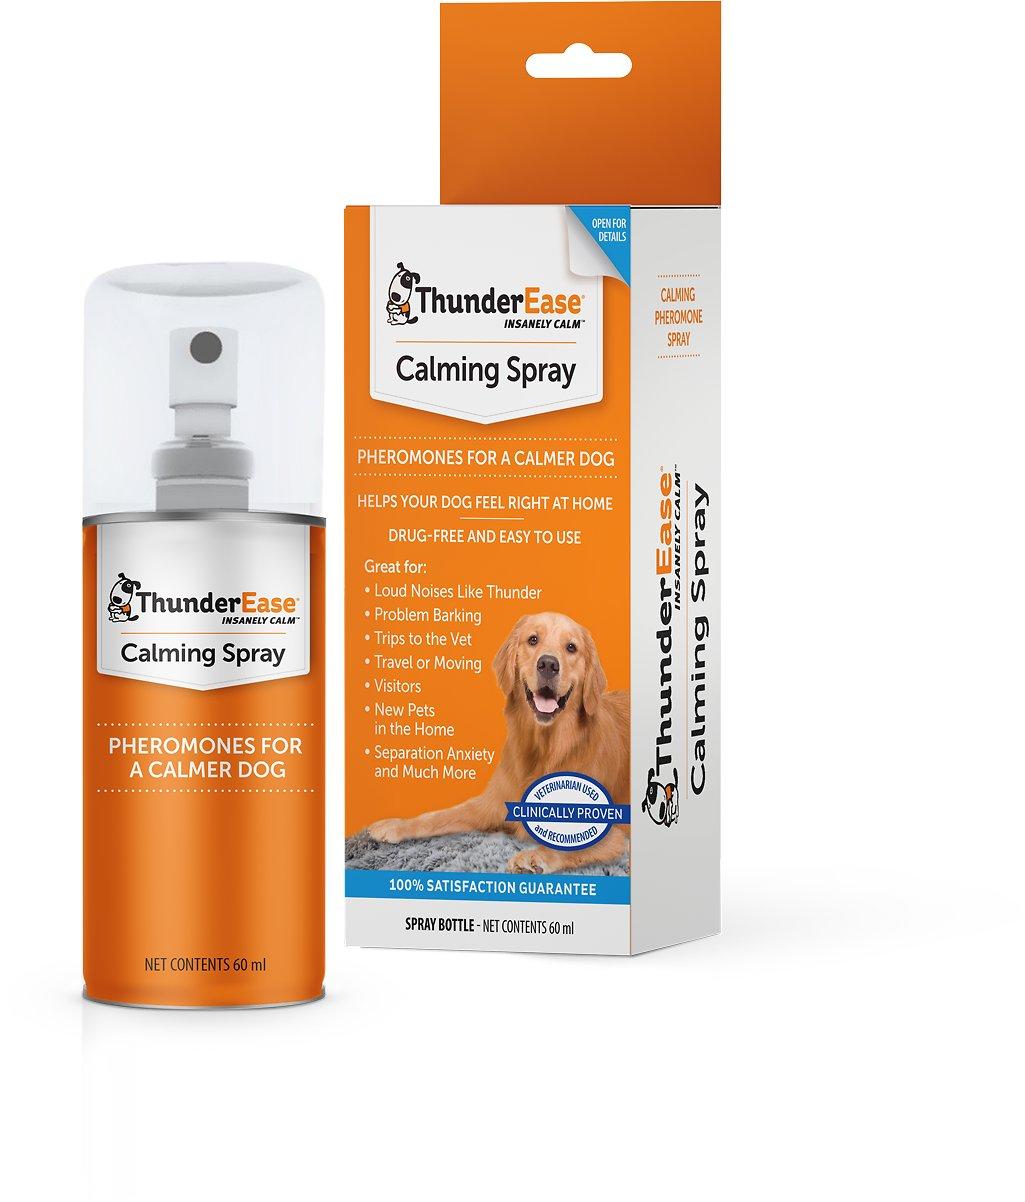 ThunderSpray Calming Spray for Dogs, 2-oz bottle